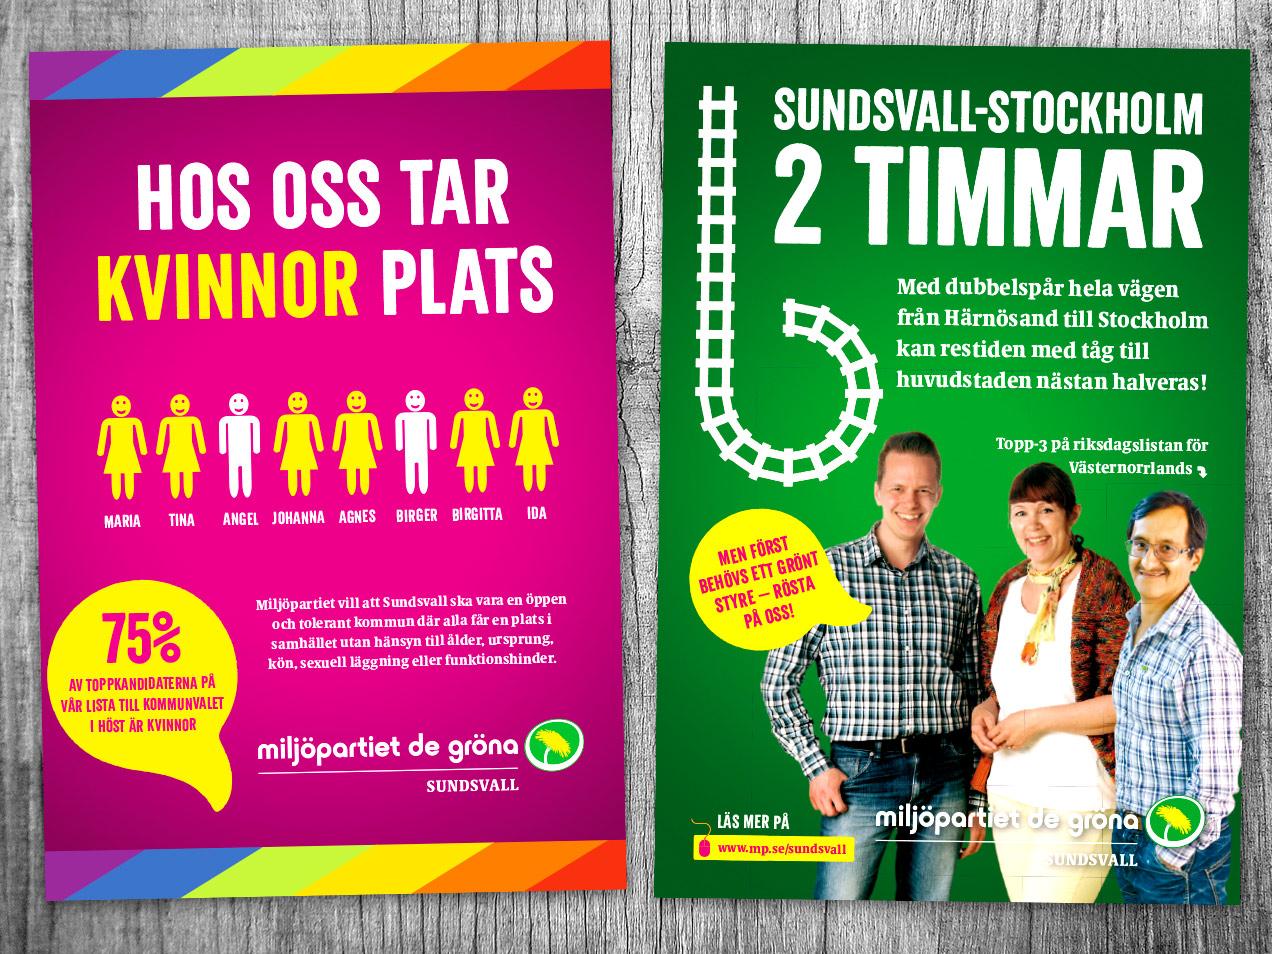 MP-affischer